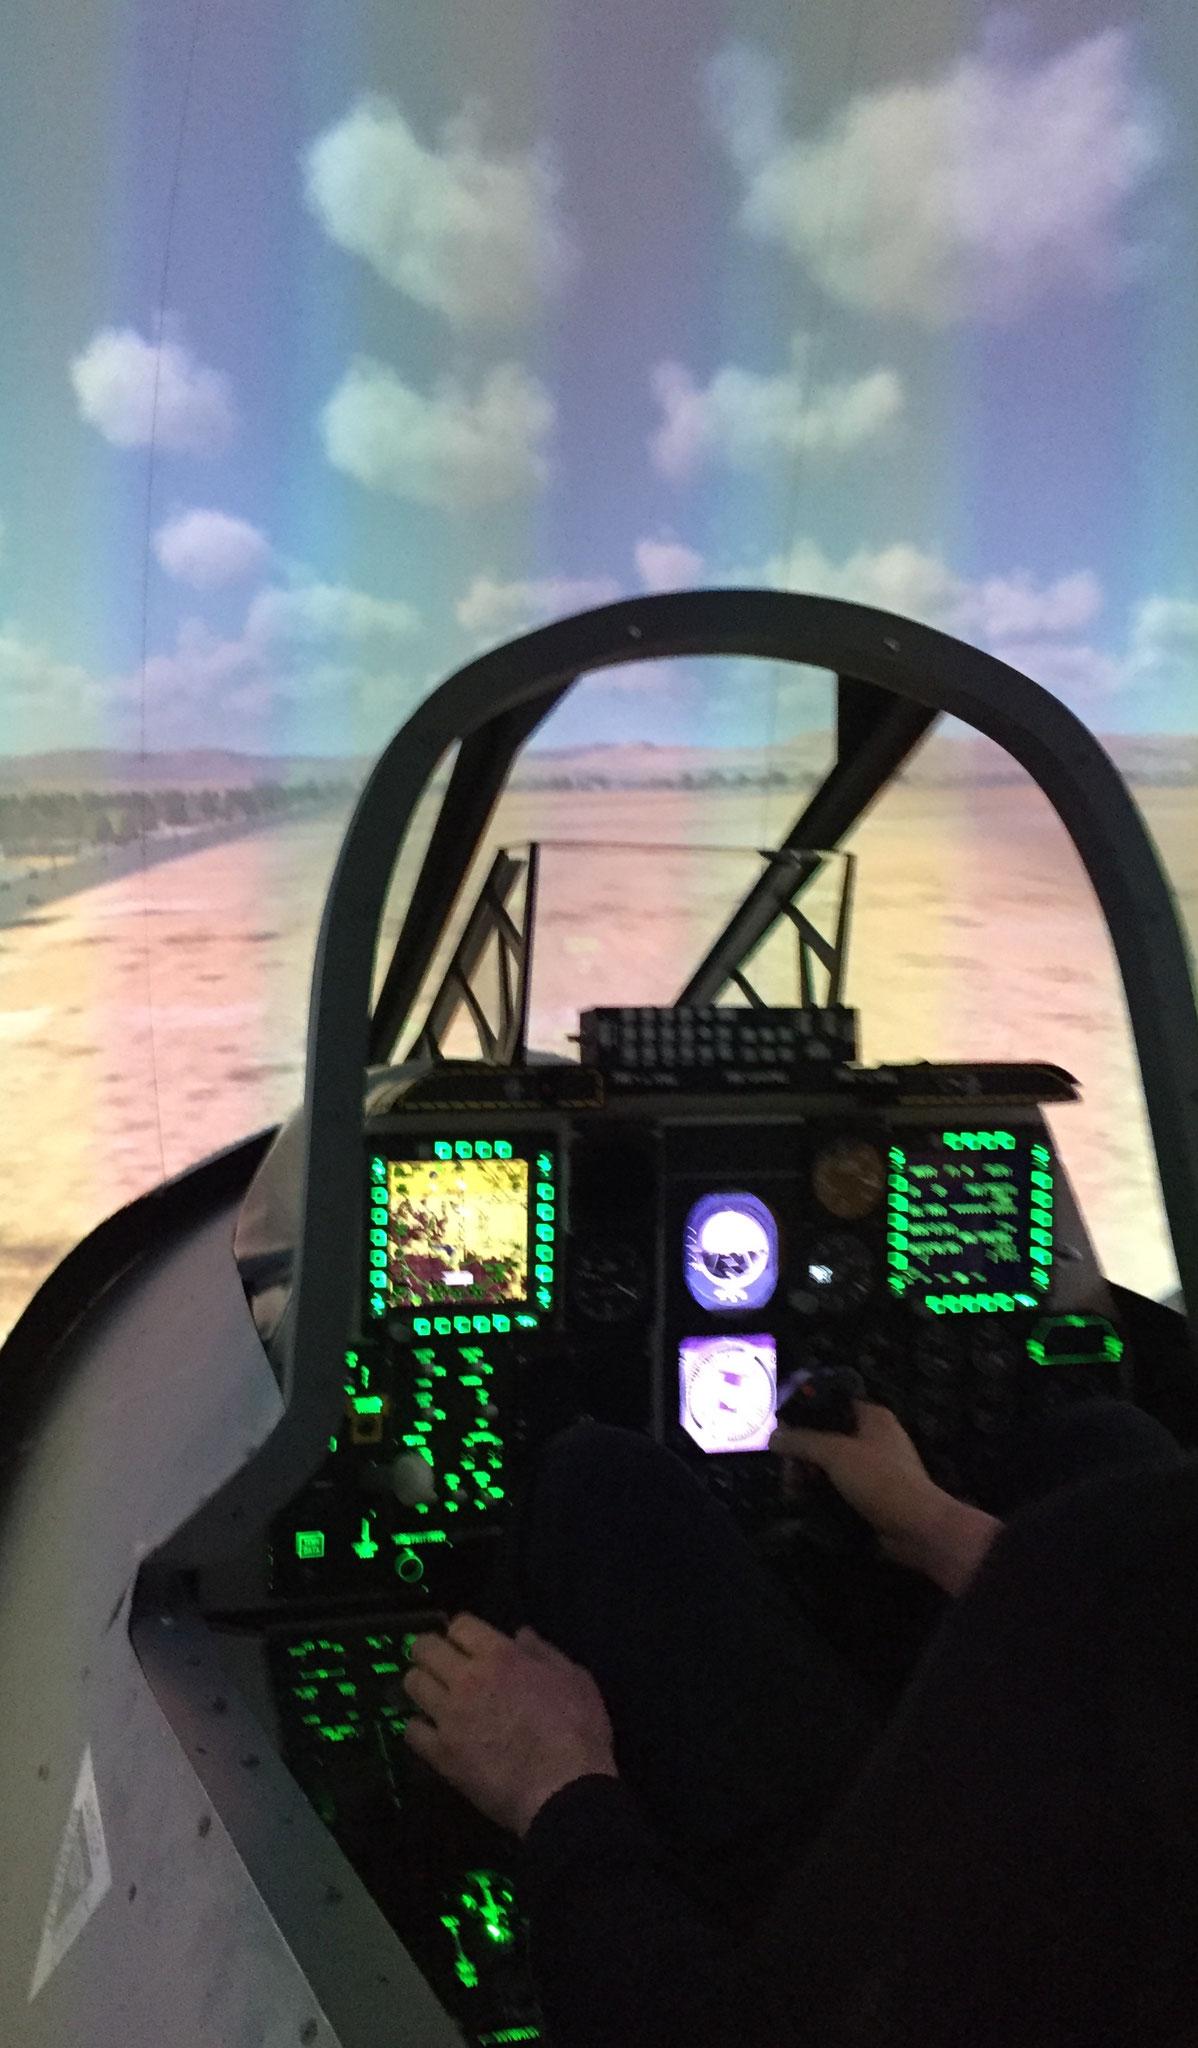 A-10 Warthog Simulator